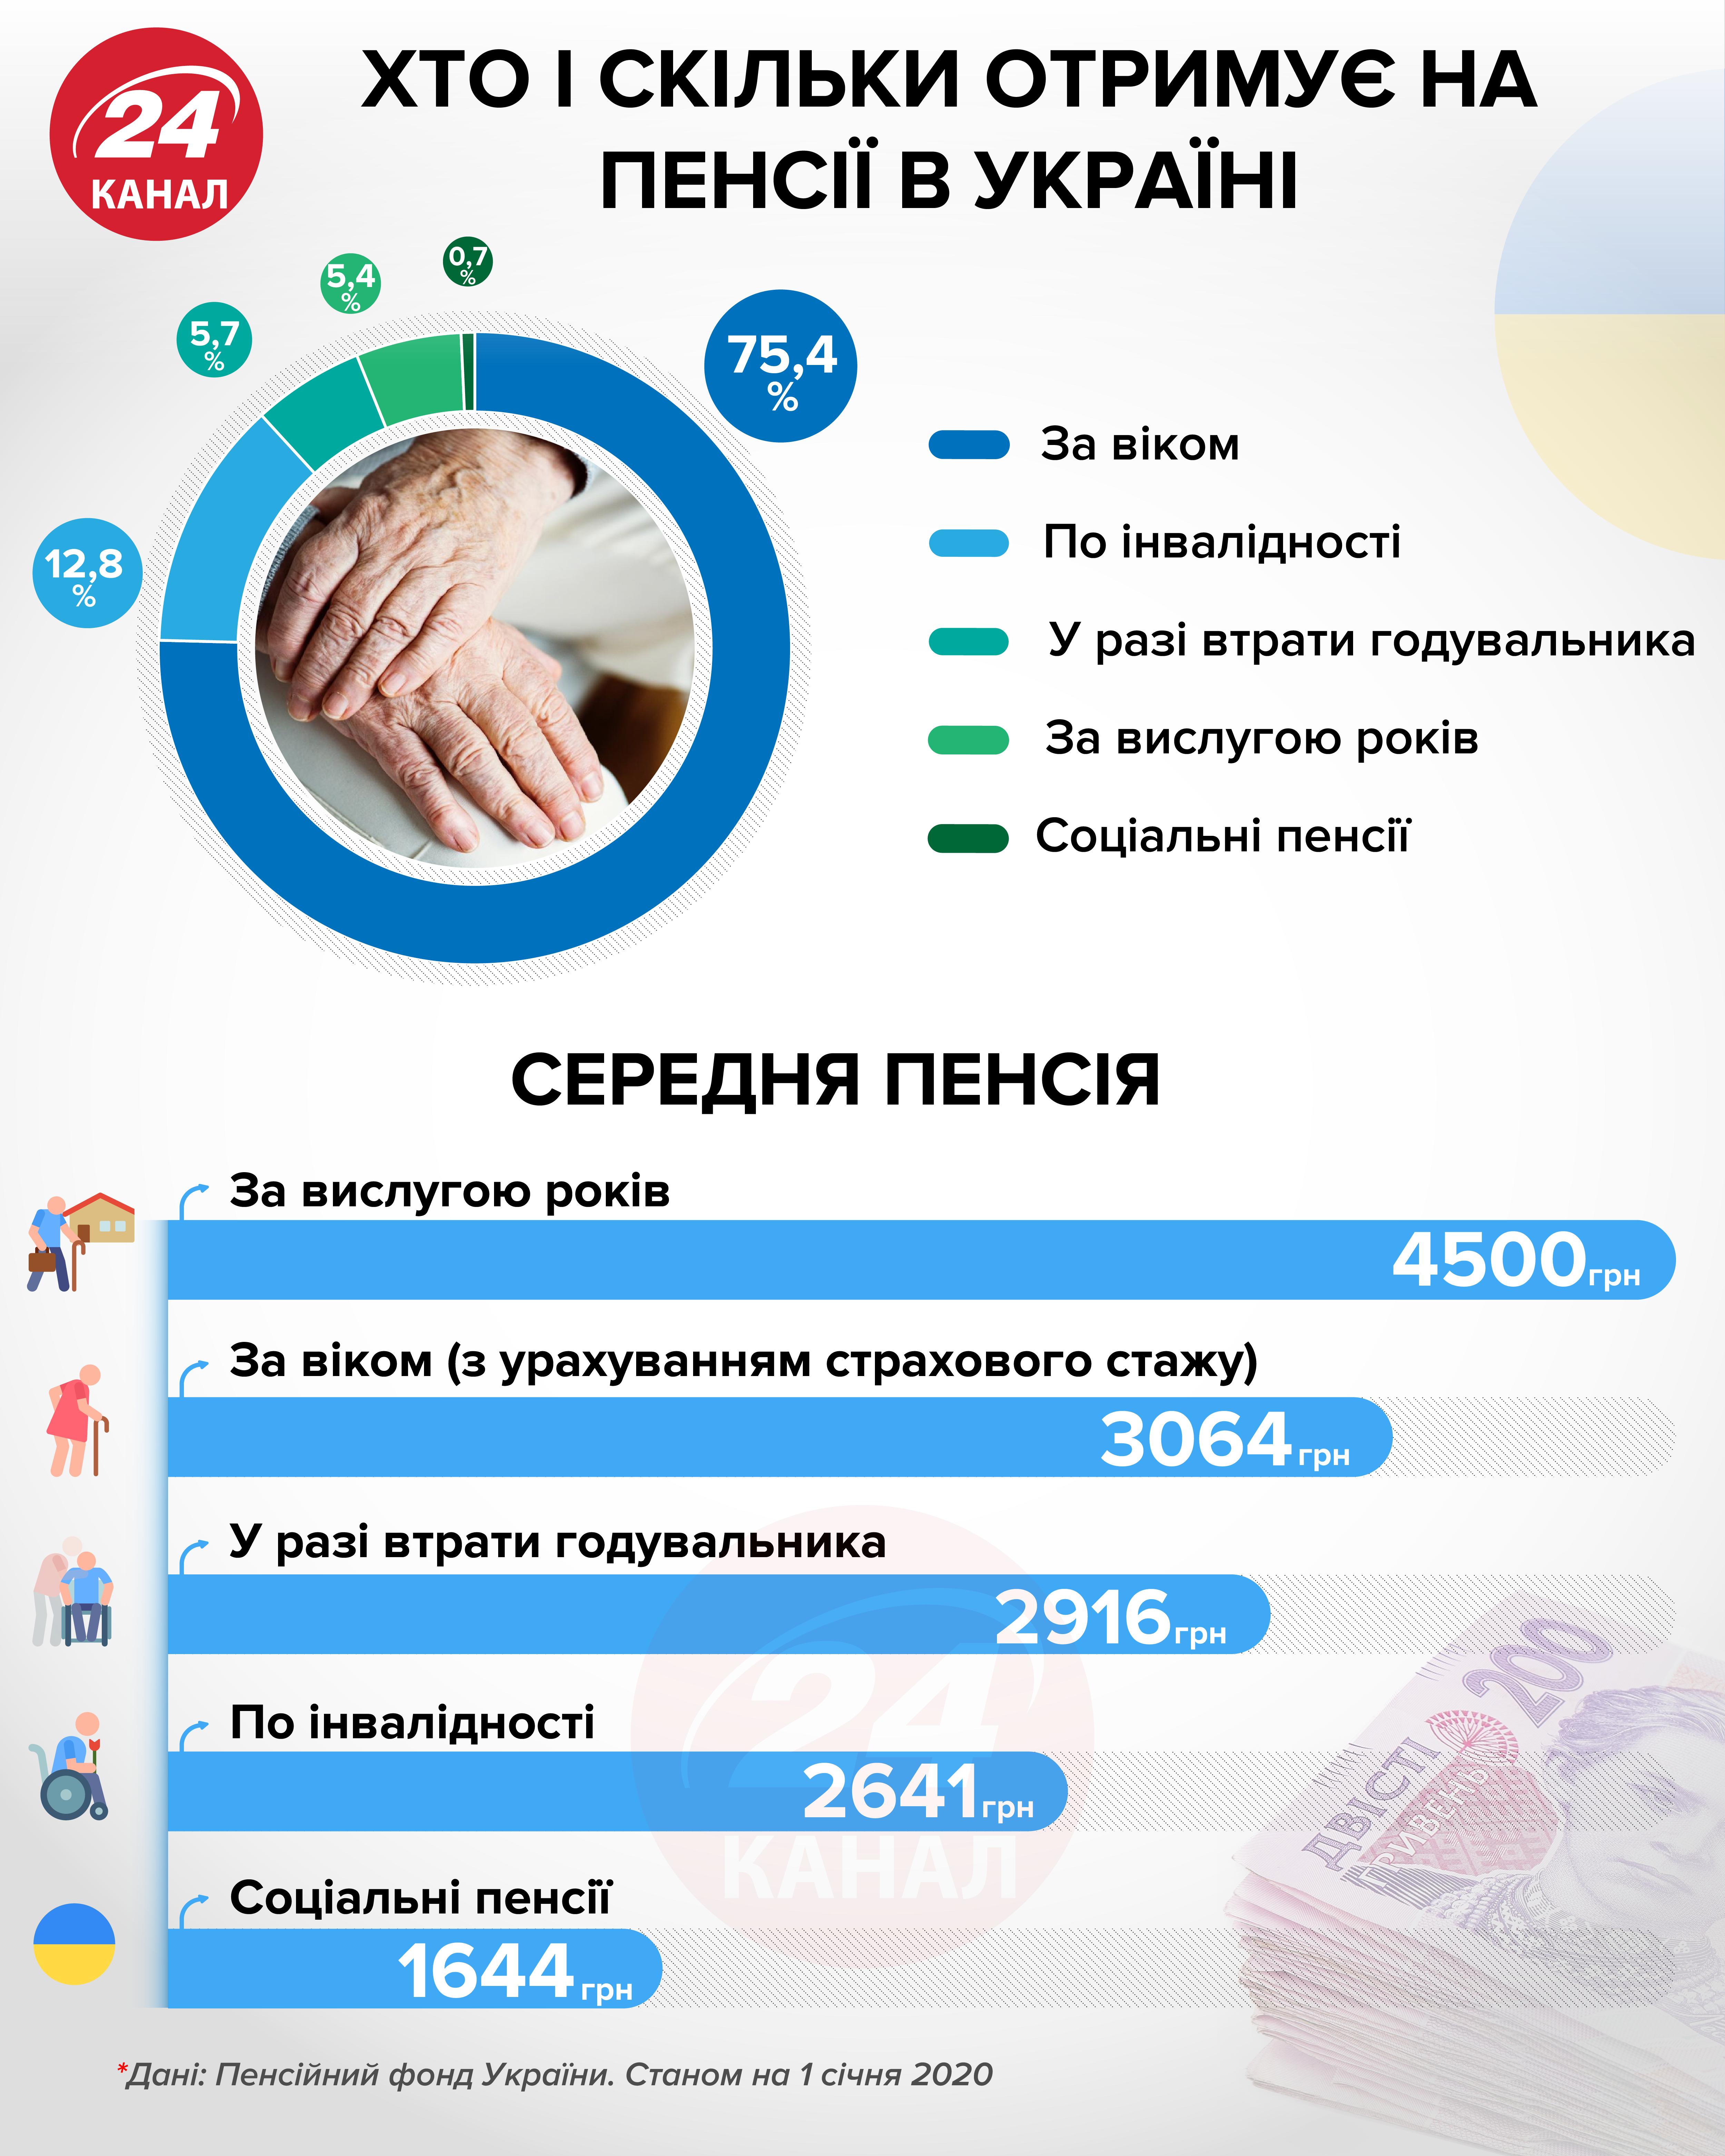 Хто і скільки отримує на пенсії в Україні